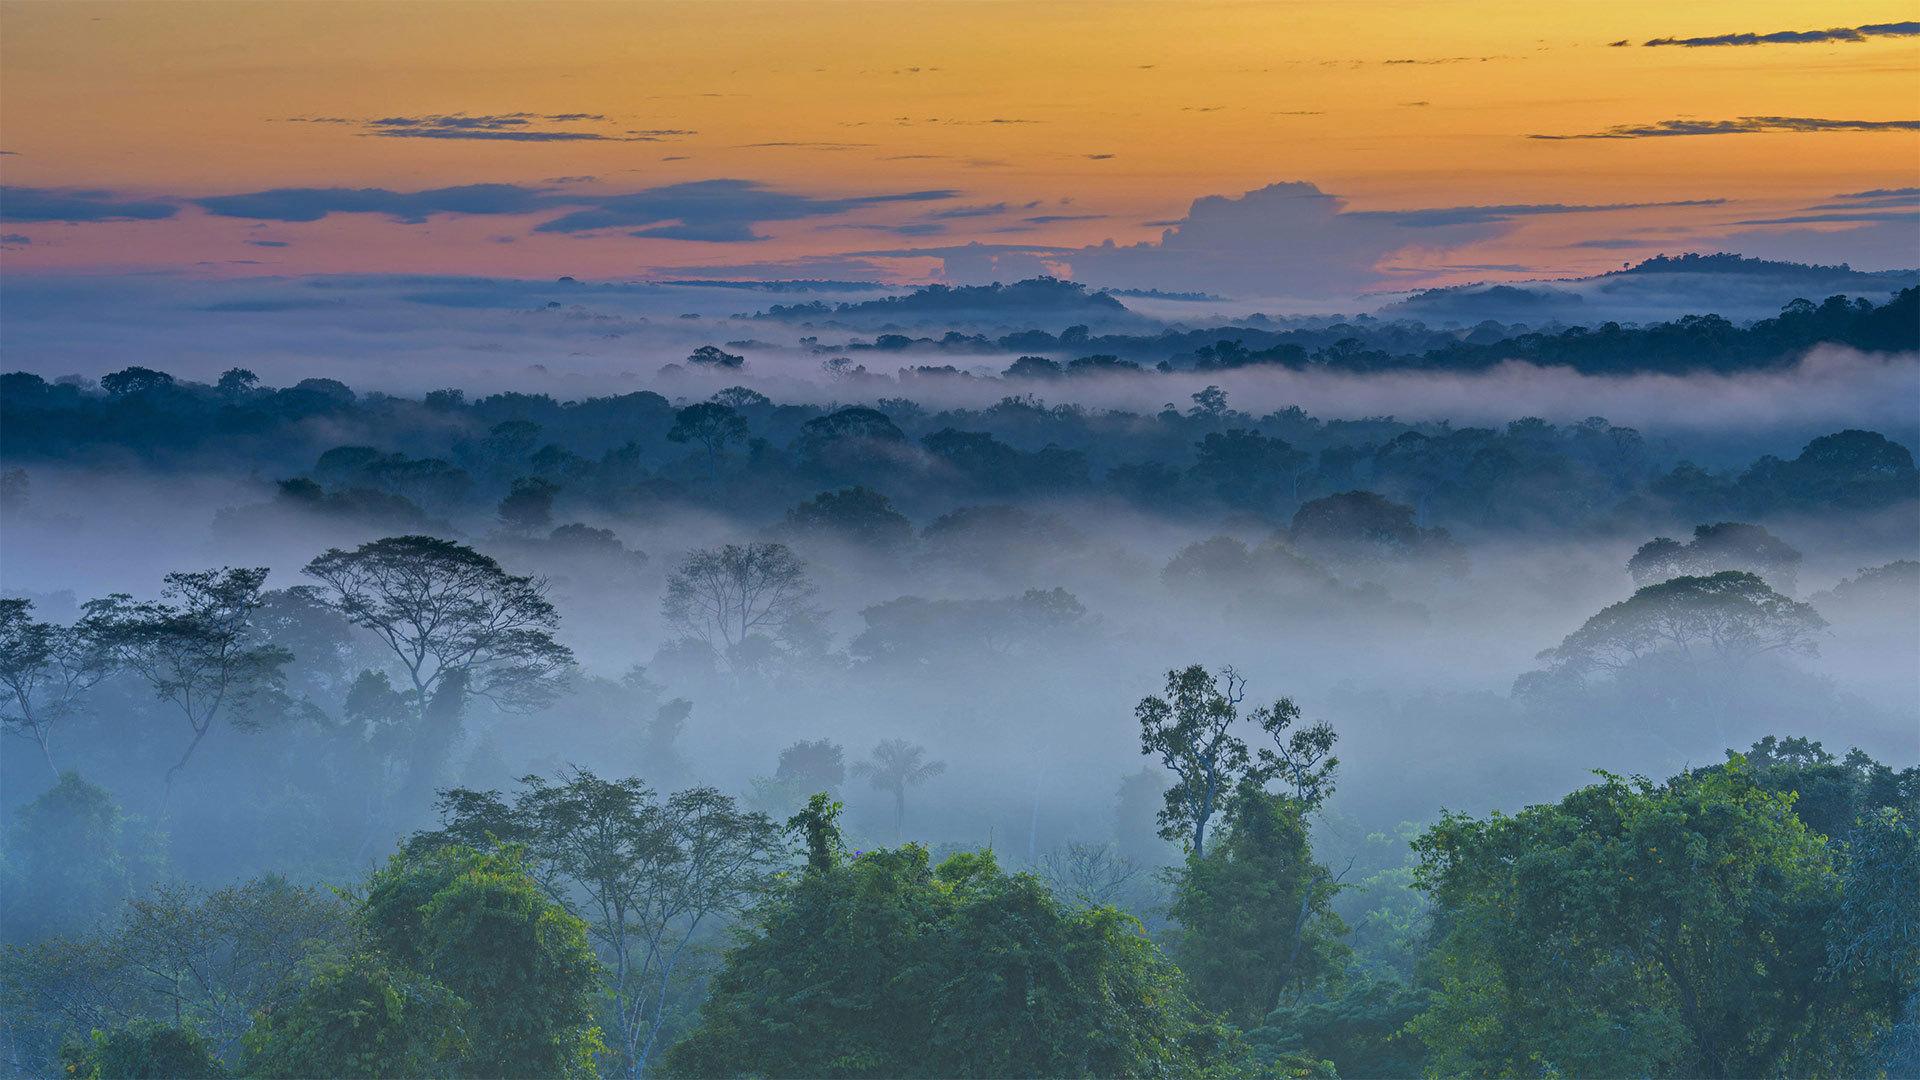 黎明时分晨雾中的亚马逊雨林,上弗洛雷斯塔附近亚马逊雨林